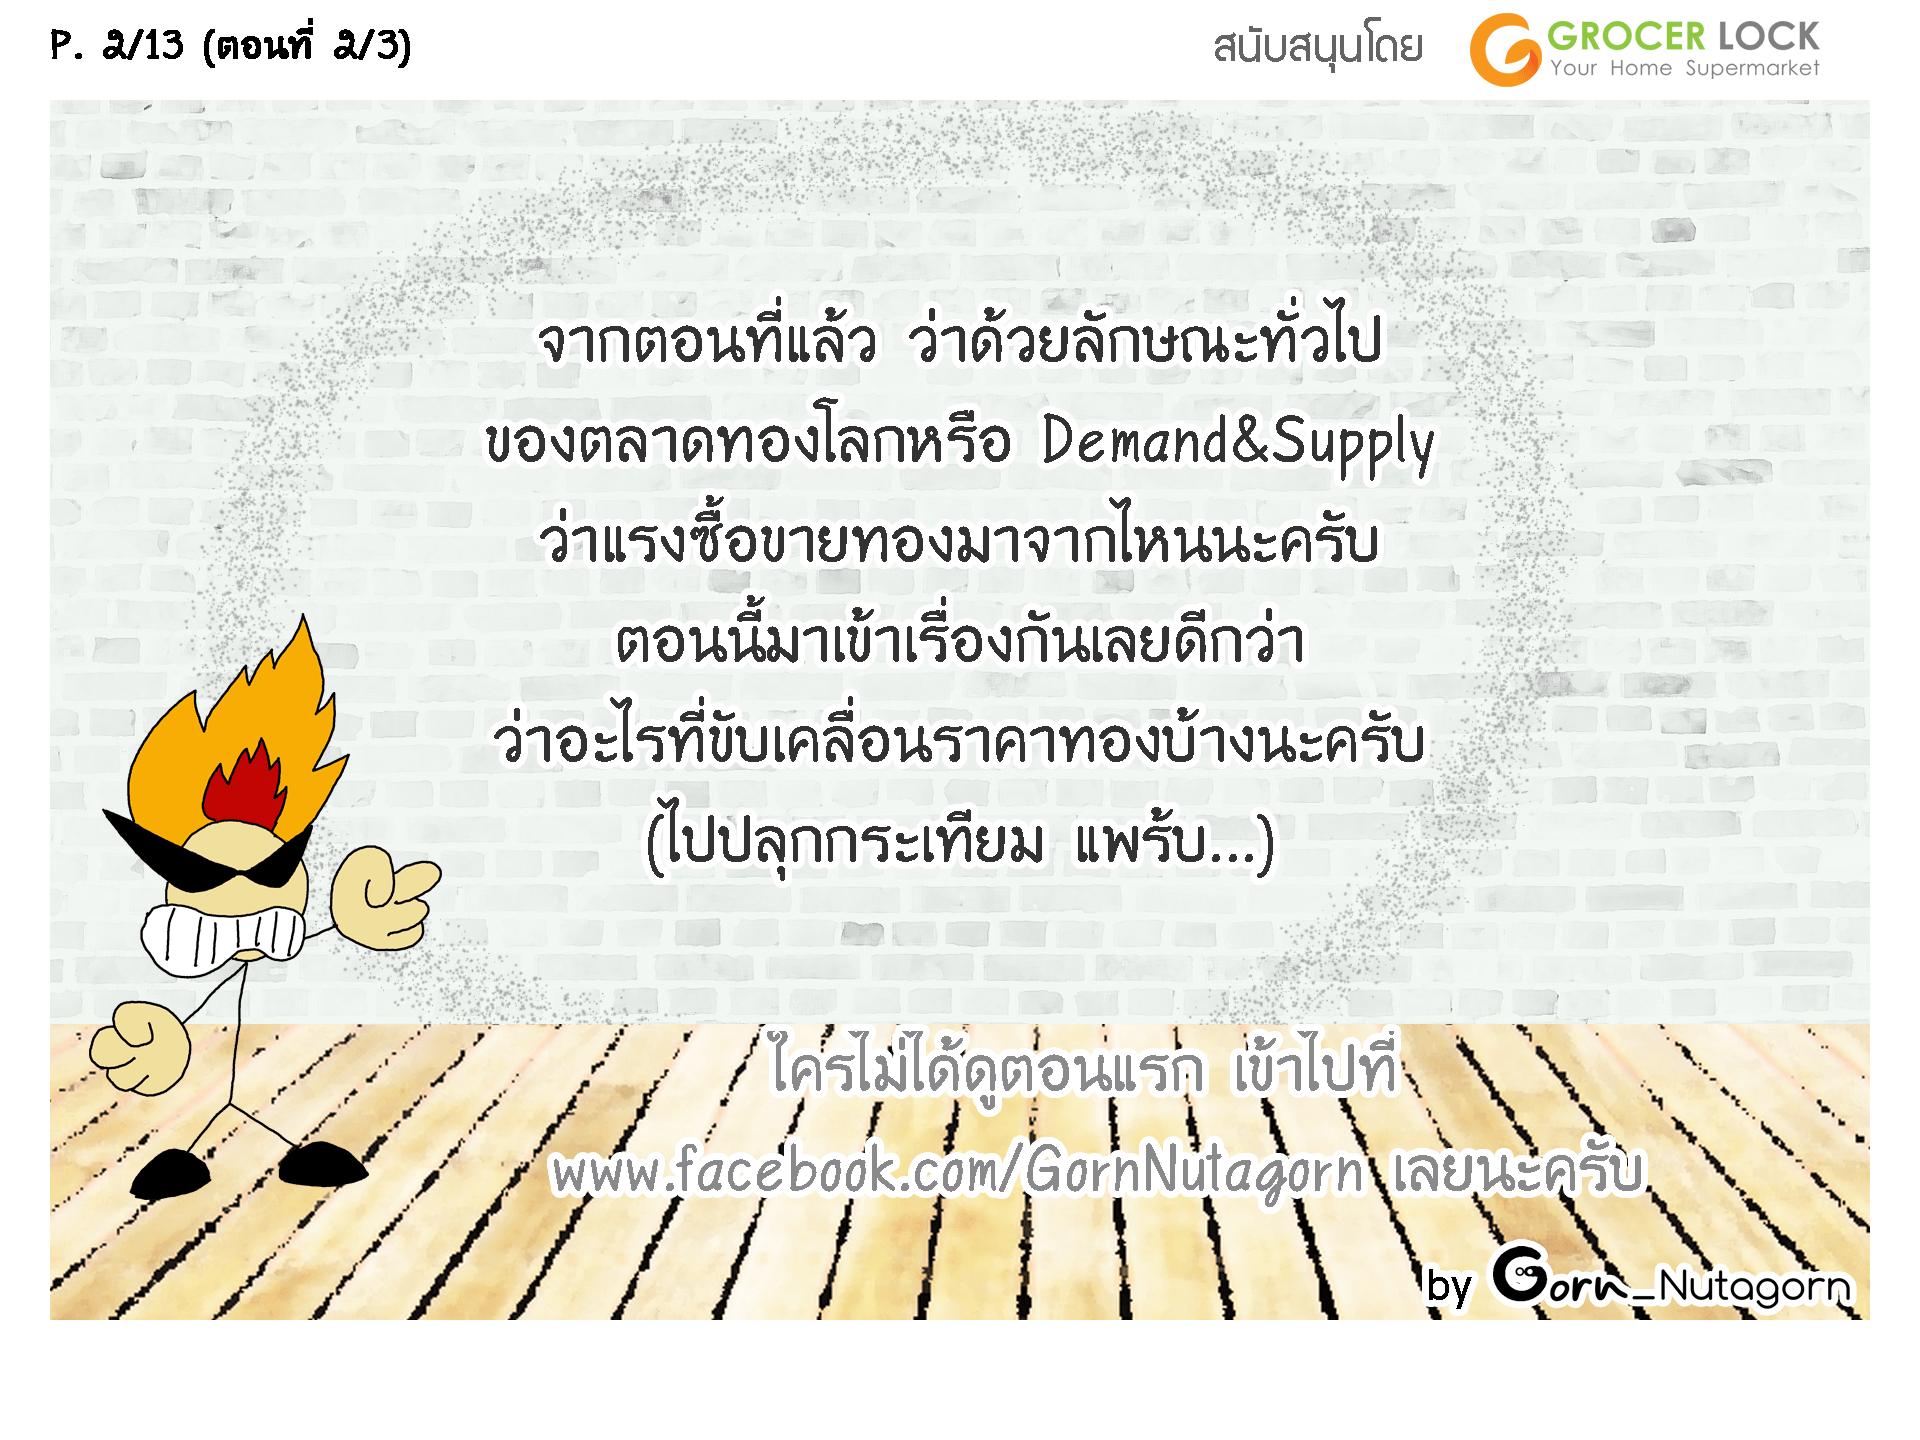 gornnutagorn_gold_price_factors_2_2